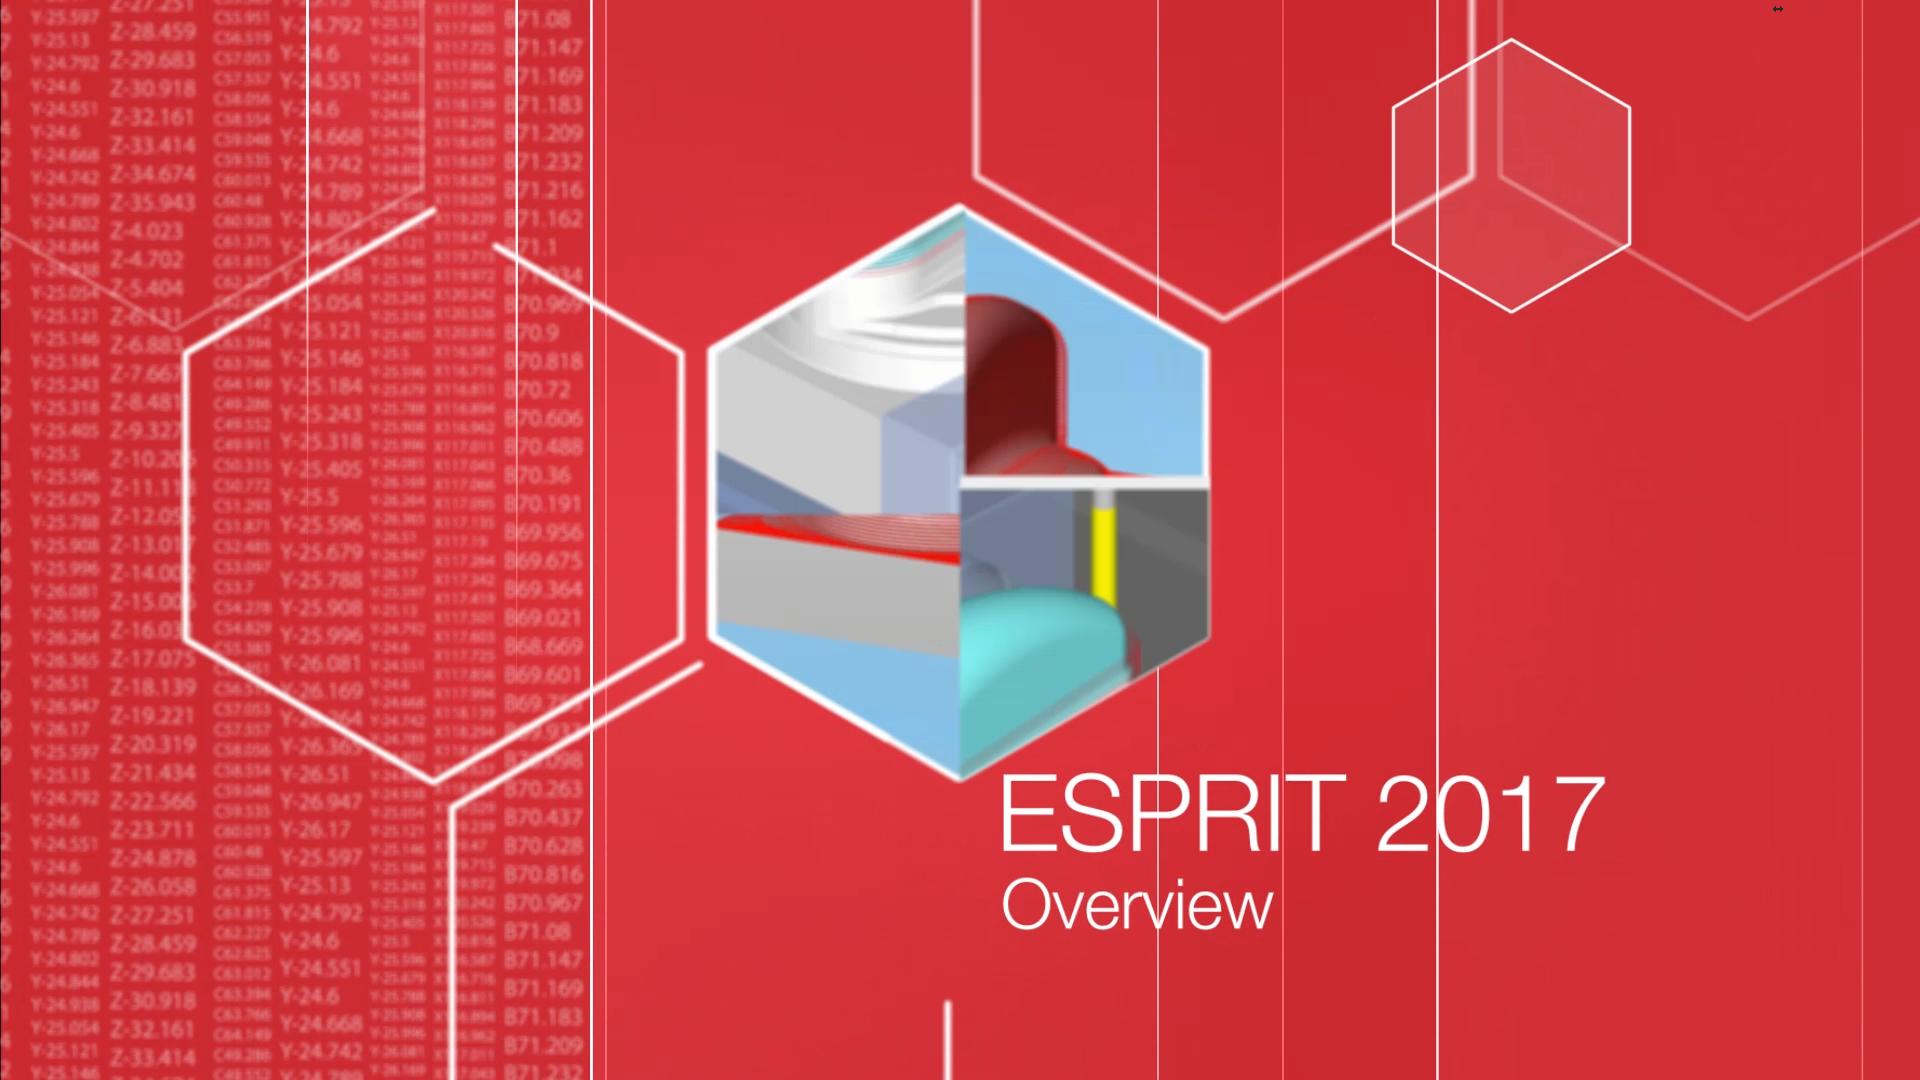 ESPRIT2017Overview